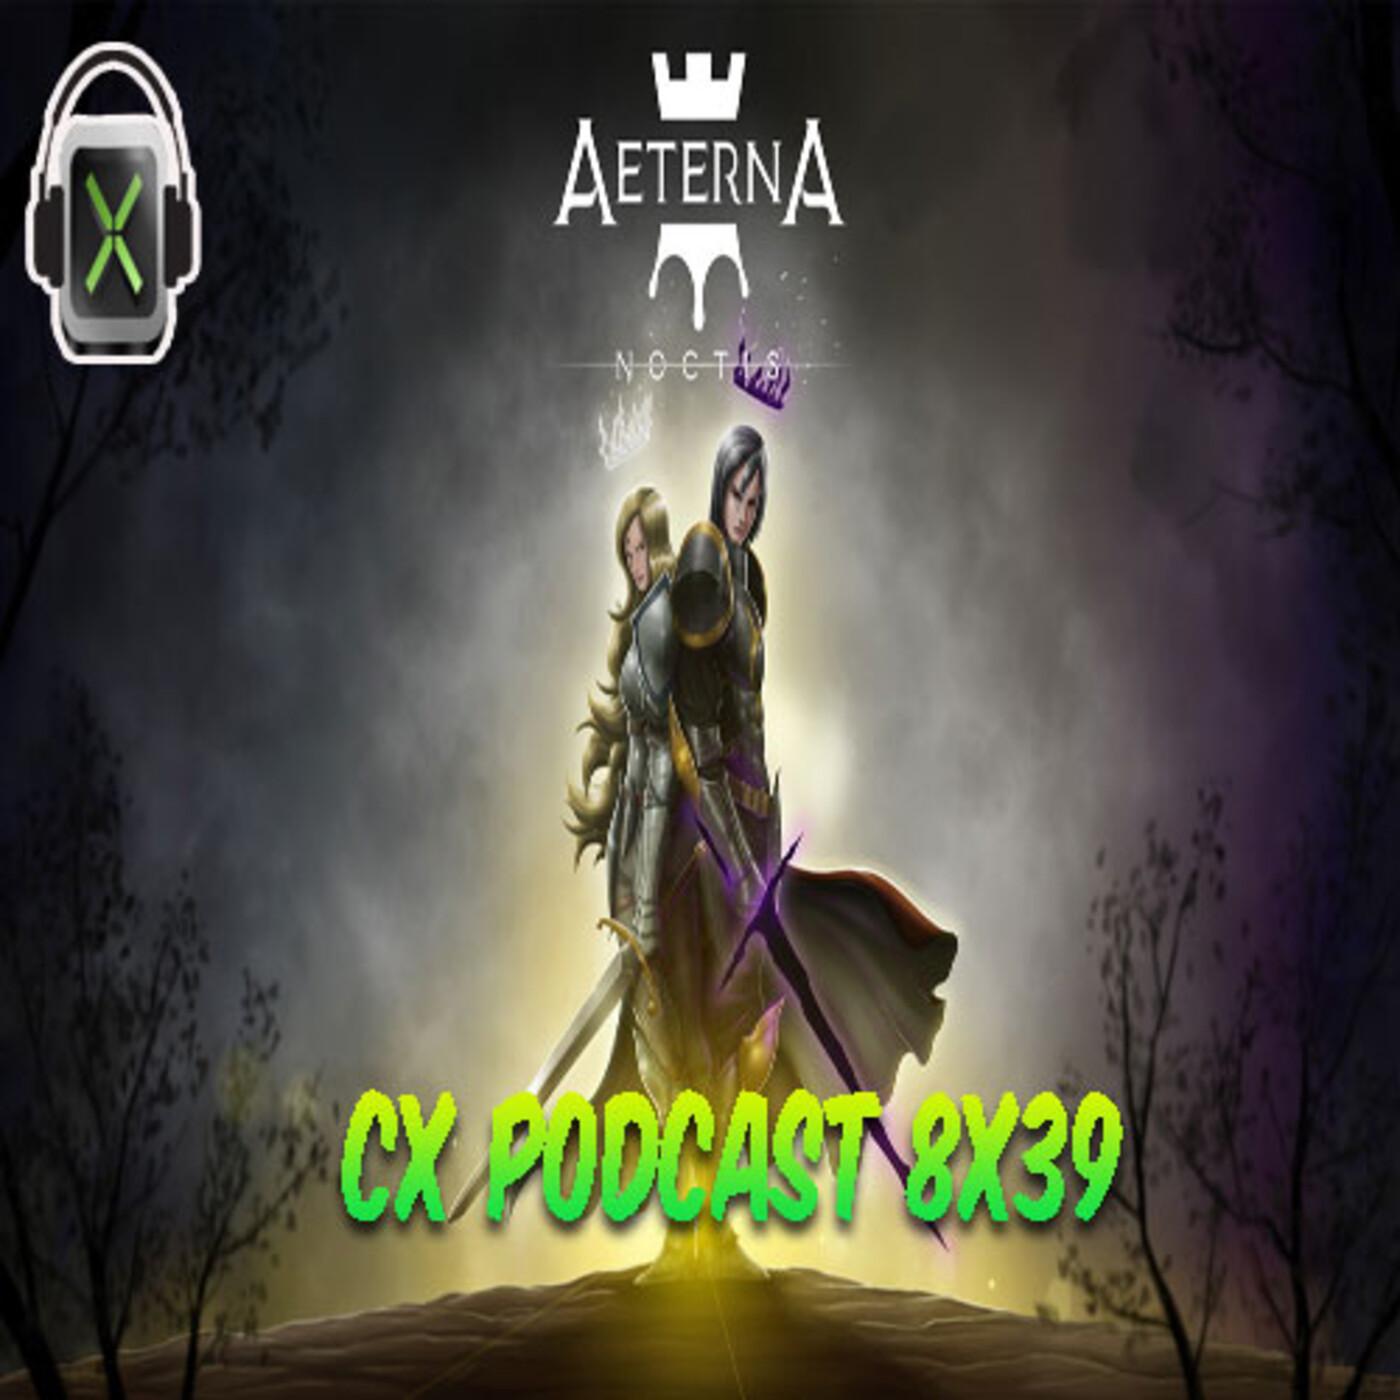 CX Podcast 8x39 I Entrevista con los desarrolladores de Aeterna Noctis